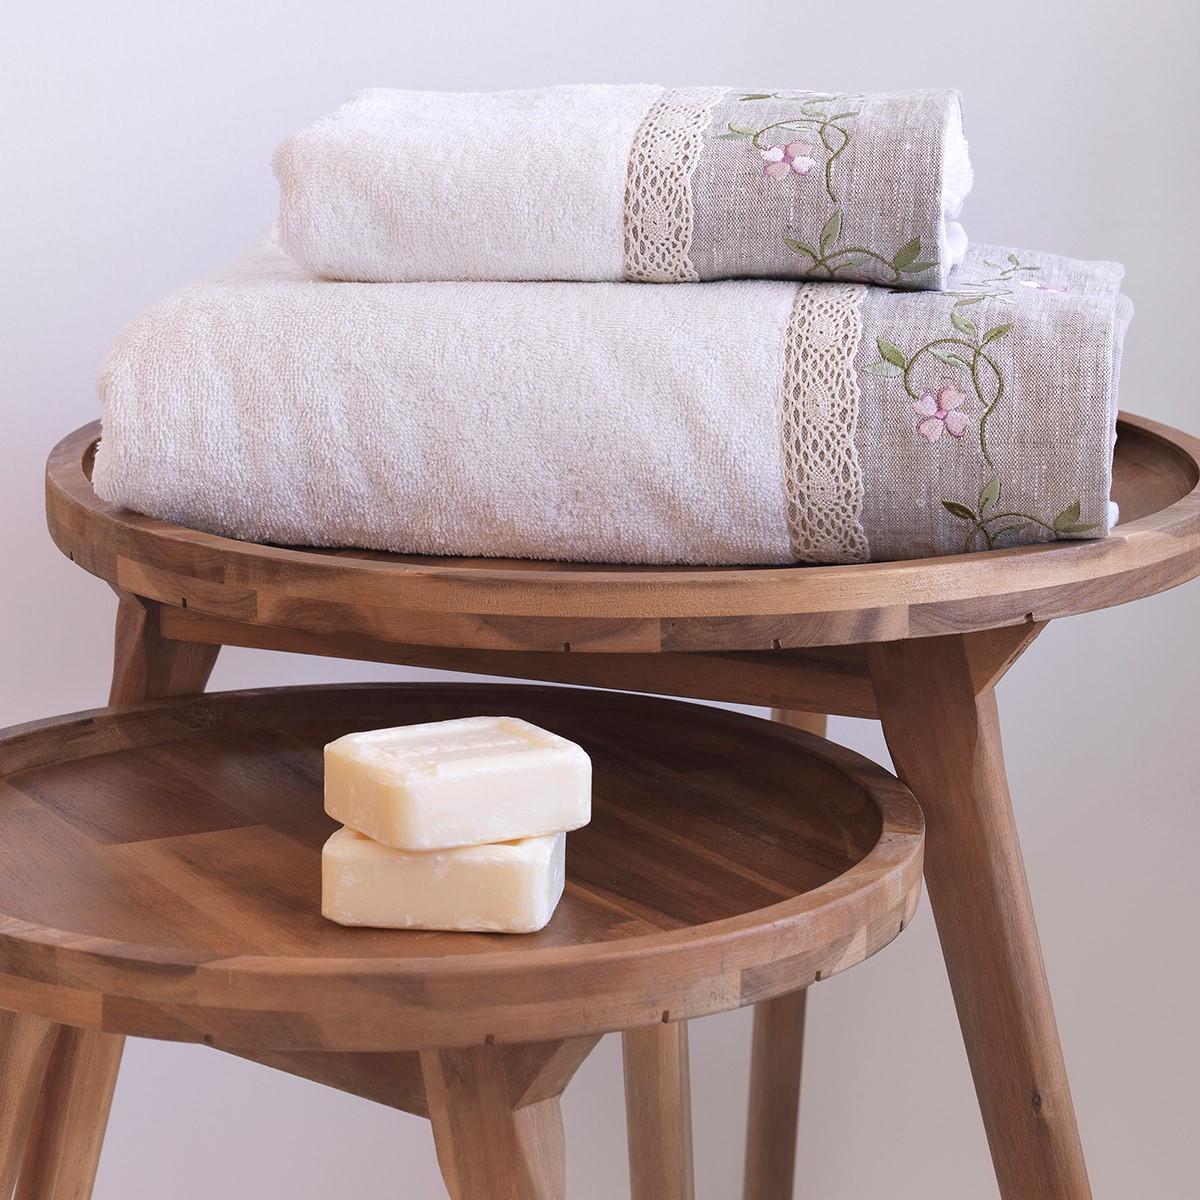 Πετσέτες Μπάνιου (Σετ 2τμχ) Sb Home Garland Cream